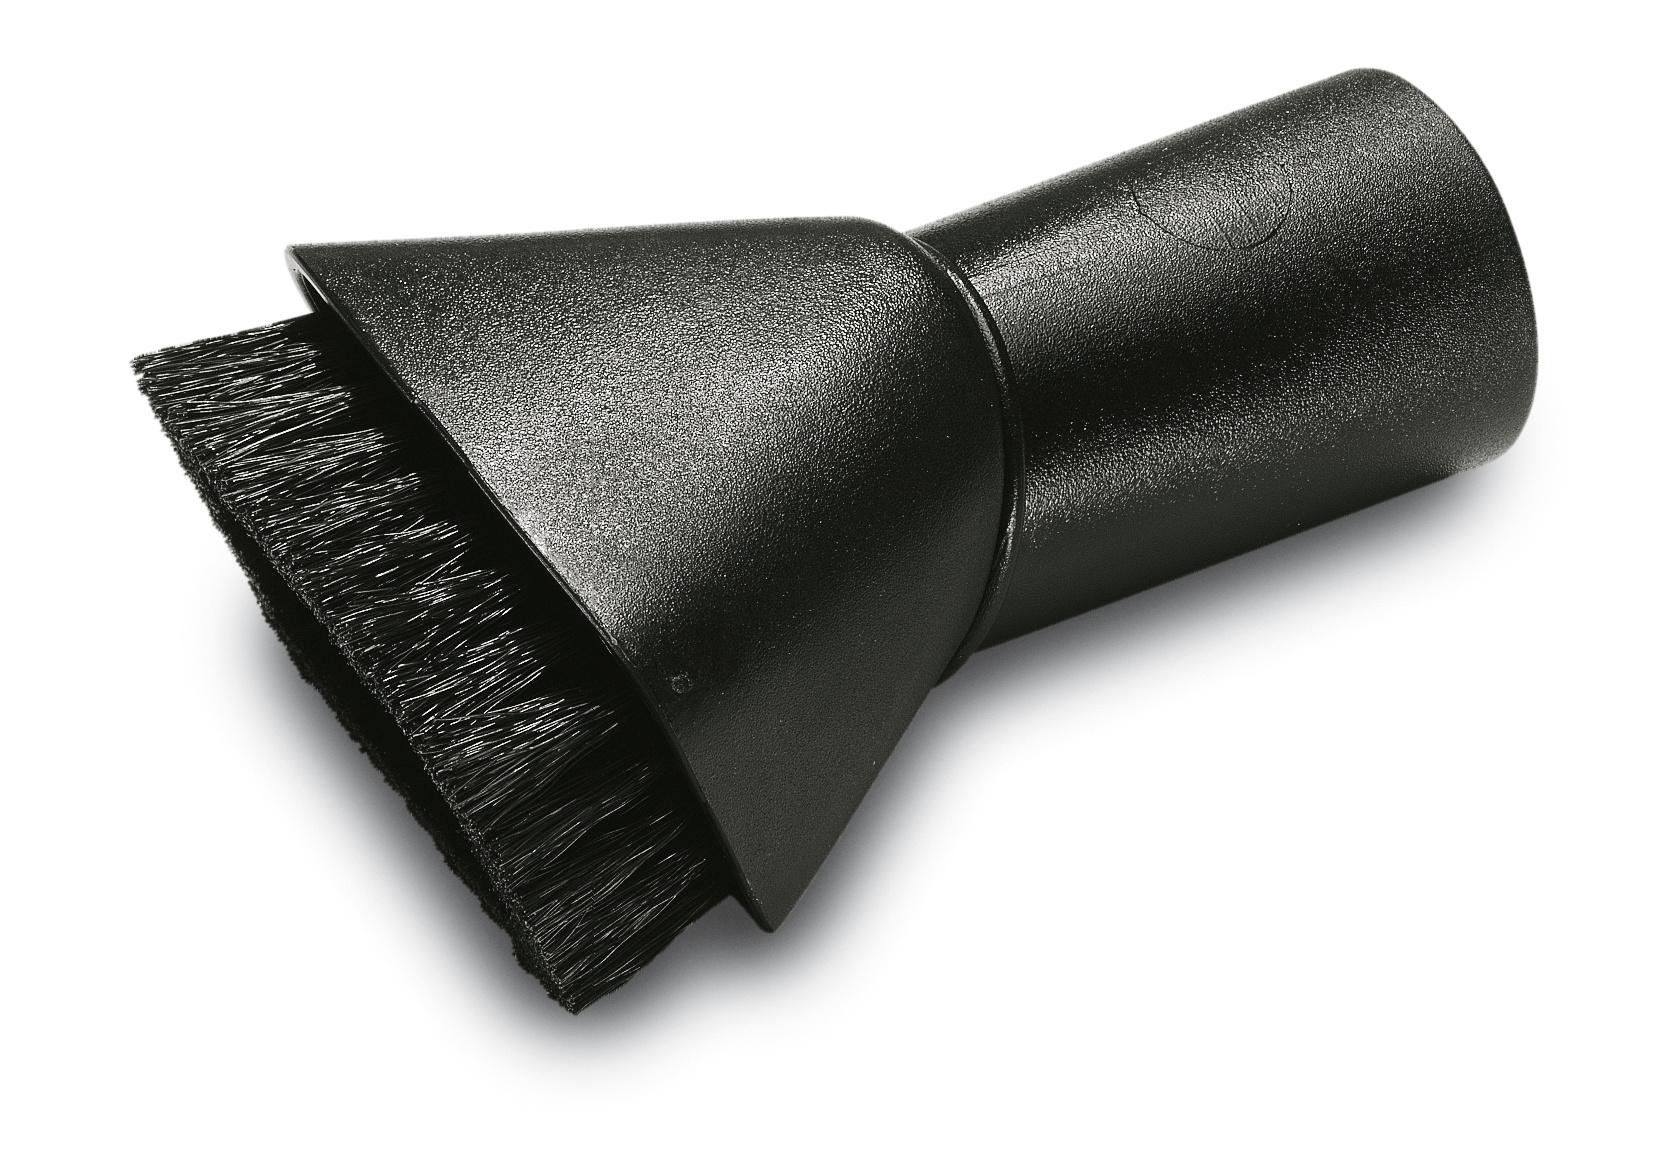 suceur brosse pour aspiro 2 compatible avec les aspirateurs eau et poussi u00e8re